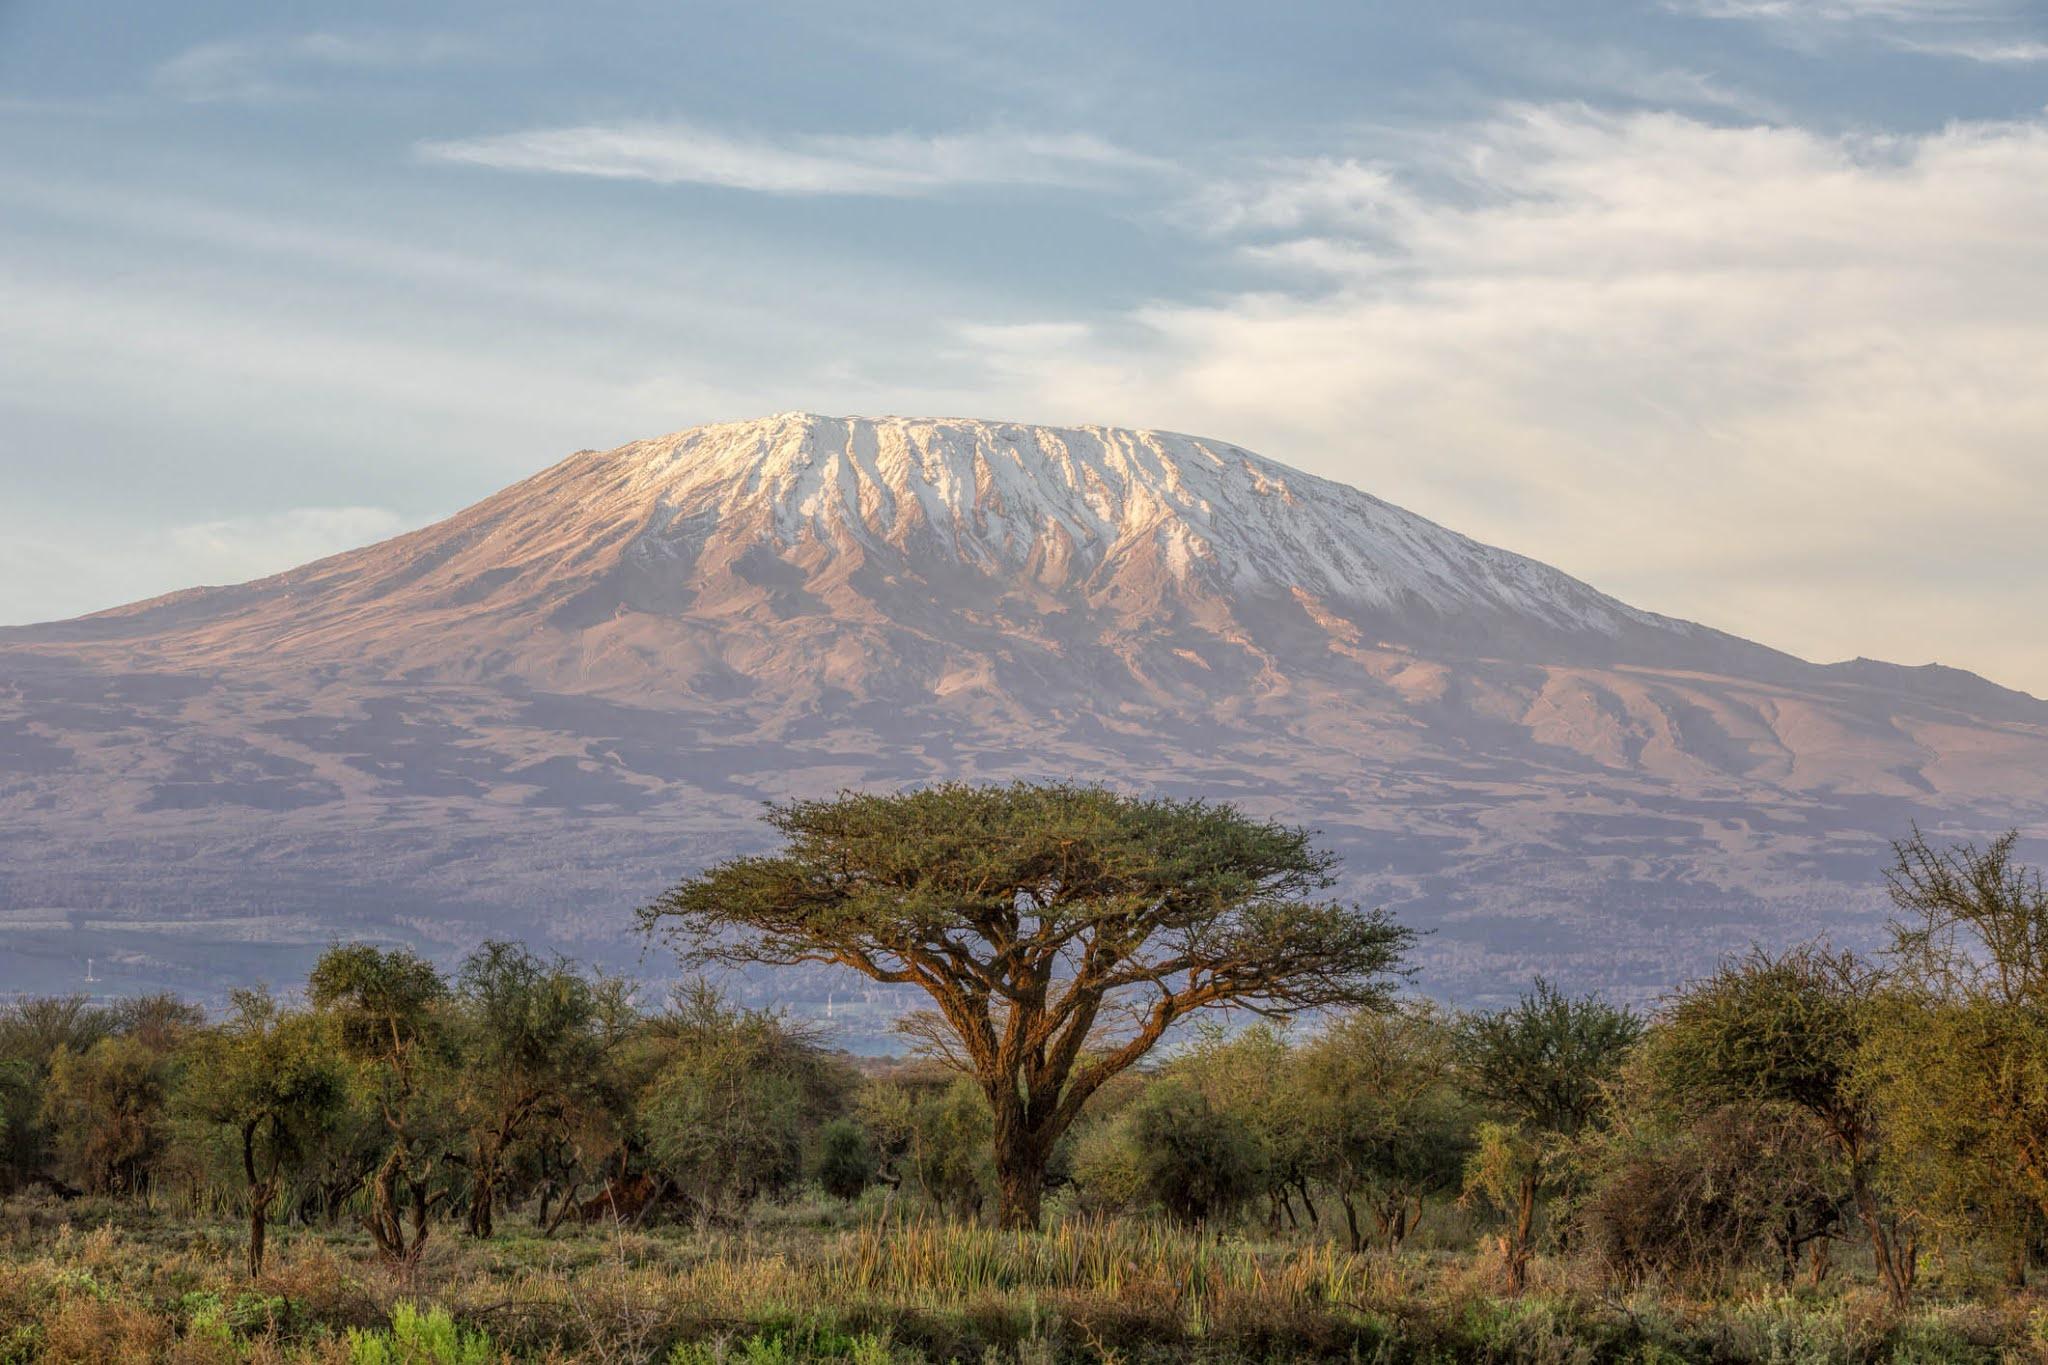 Гора Килиманджаро в Африке